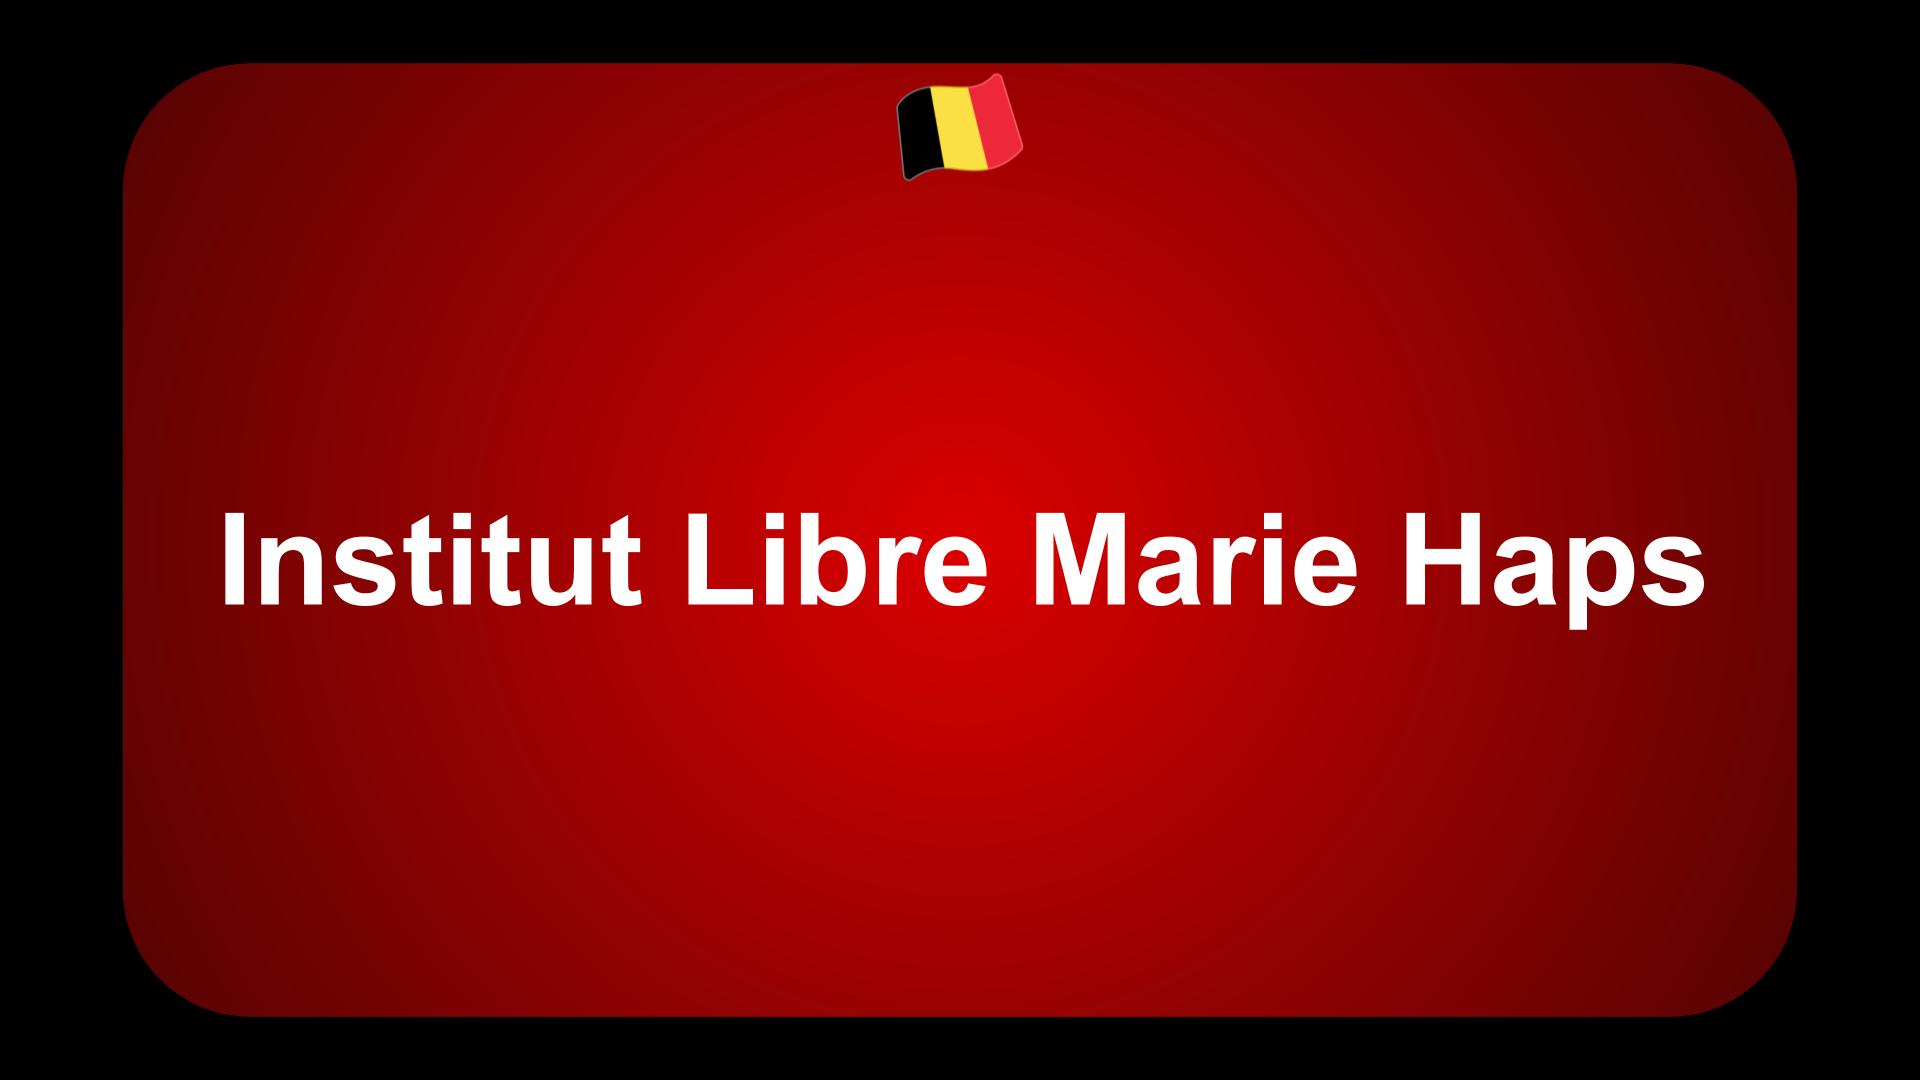 Institut Libre Marie Haps